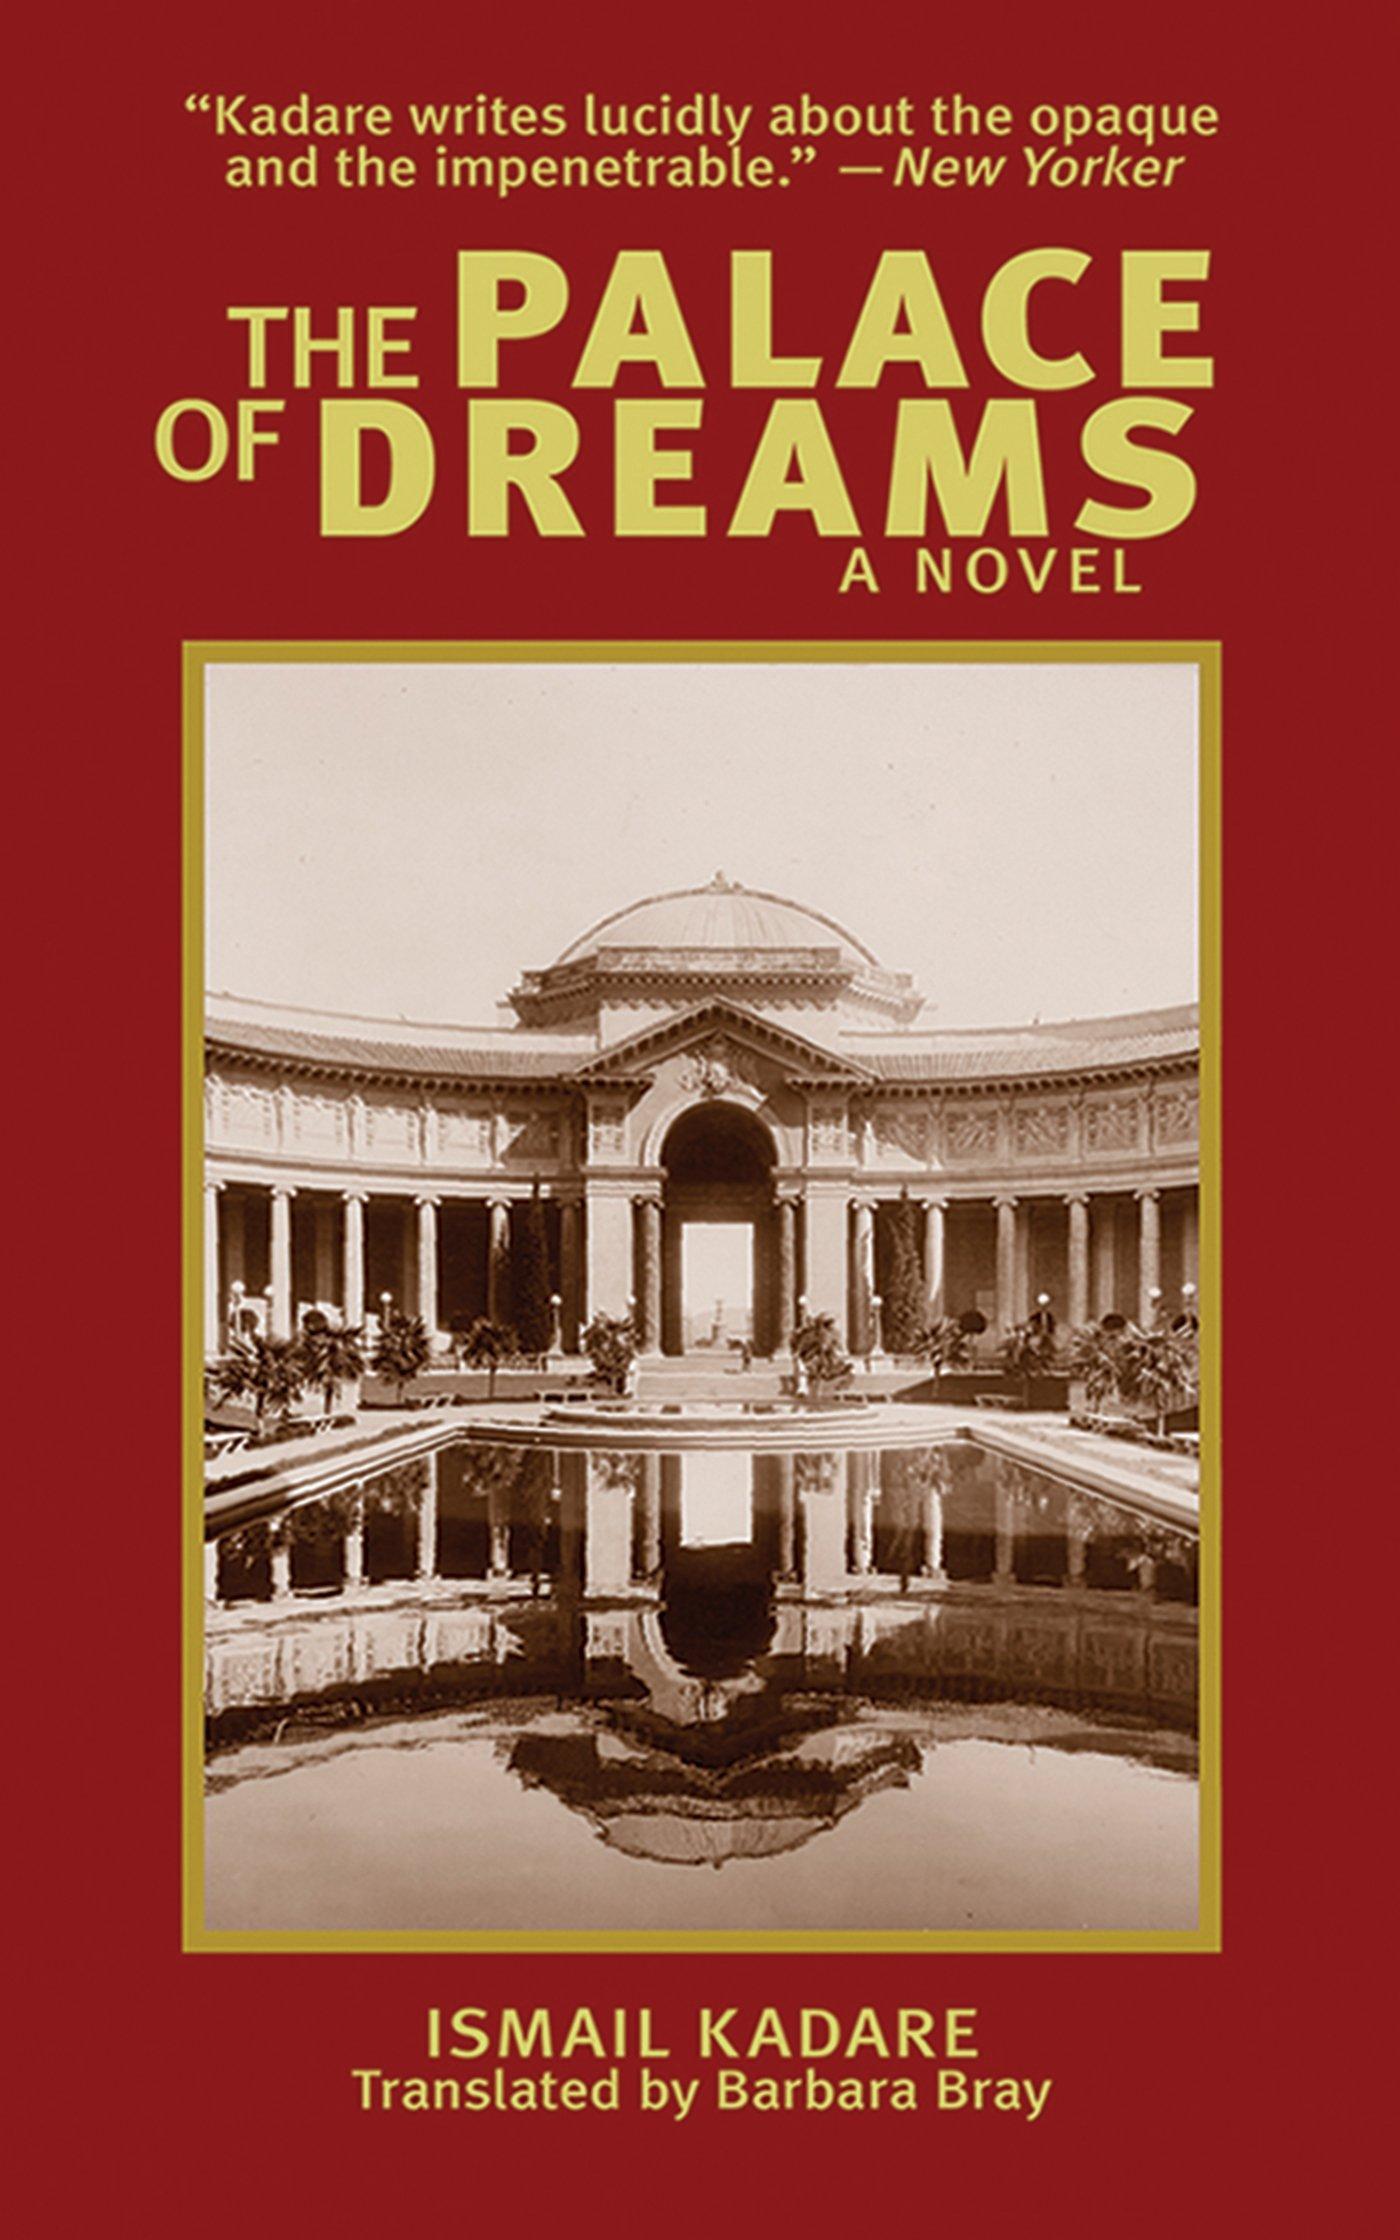 The Palace Of Dreams: A Novel (arcade Classics): Ismail Kadare, Barbara  Bray: 9781611453270: Amazon: Books